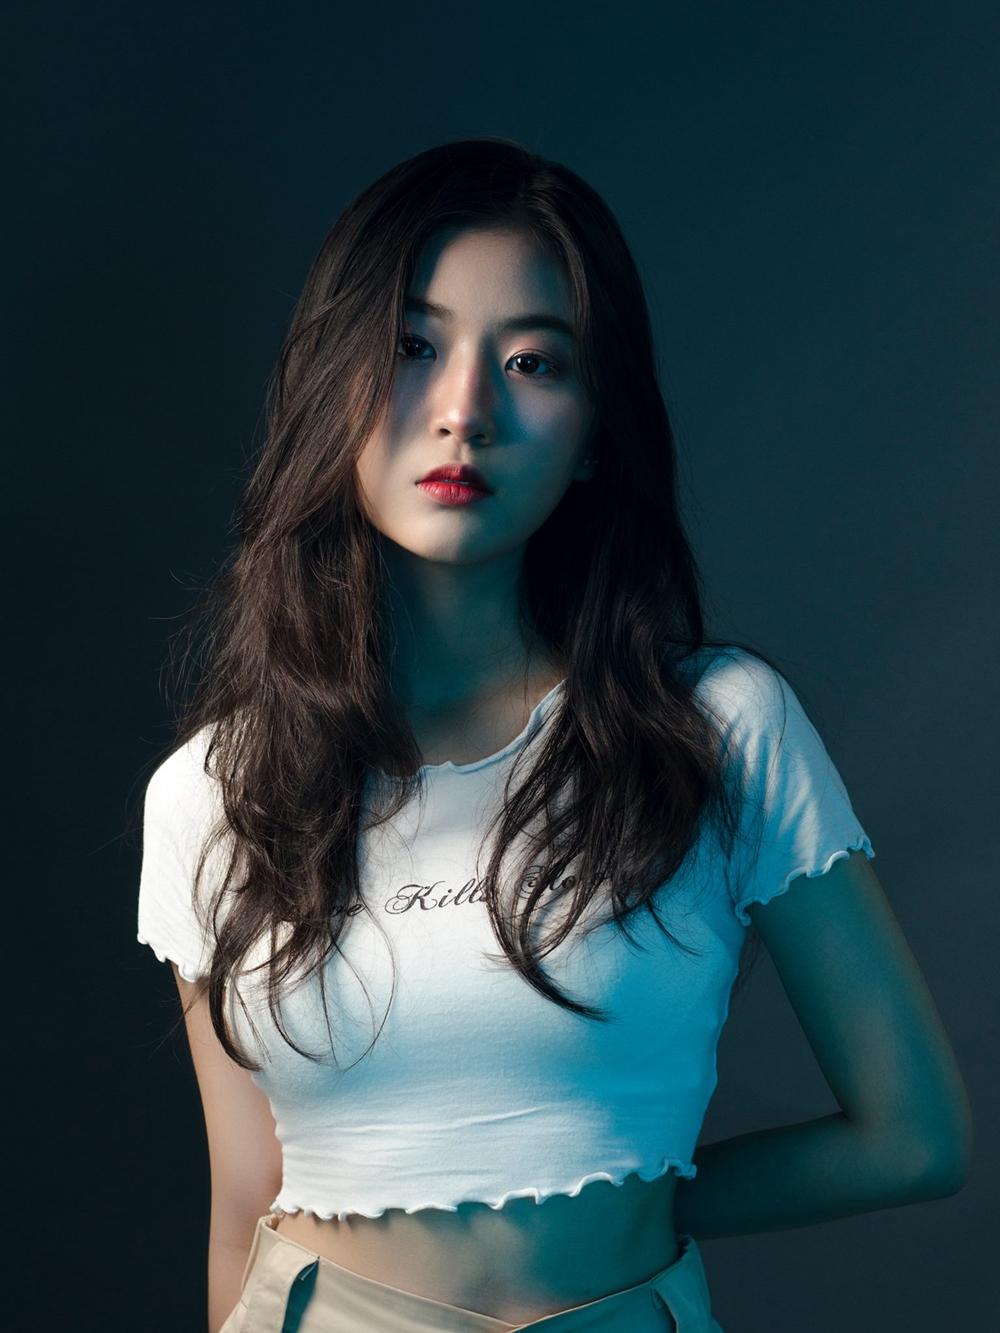 Cô được nhận xét có khả năng diễn xuất, vũ đạo và giọng hát cá tính. Ngoài hát, cô còn có khả năng sáng tác.